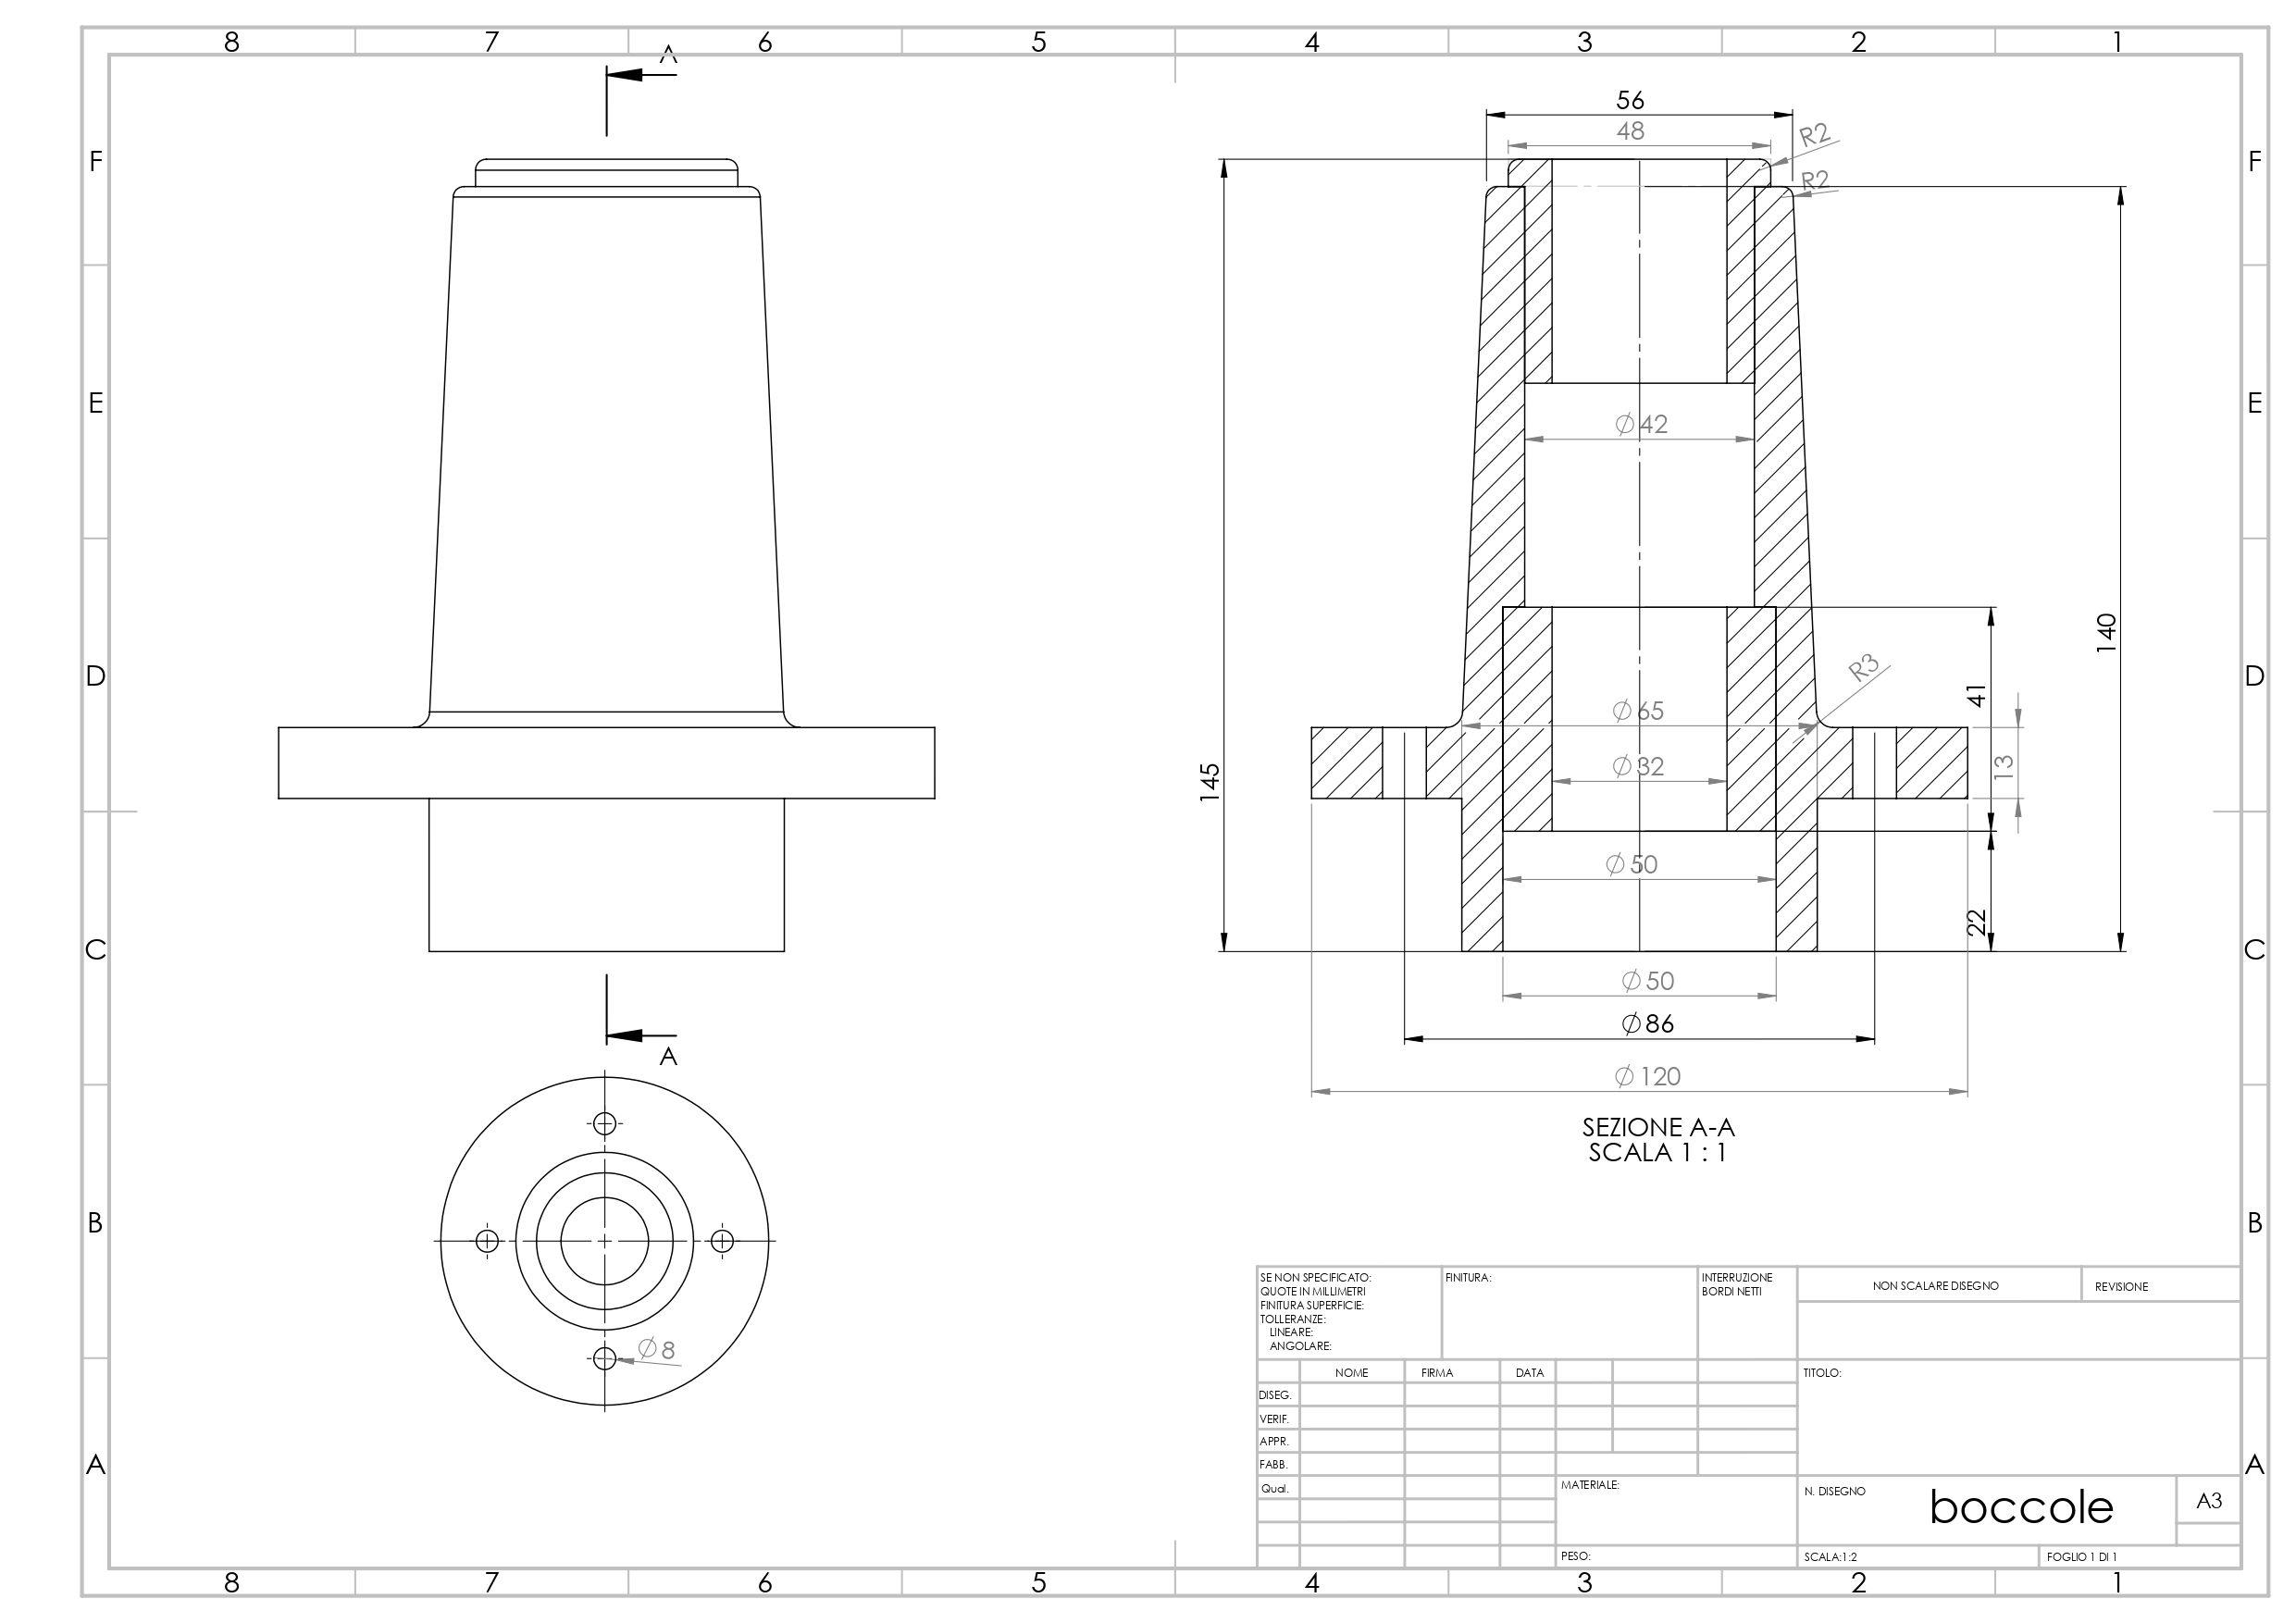 Pin de James Stewart em 2D Metric Engineering Drawings